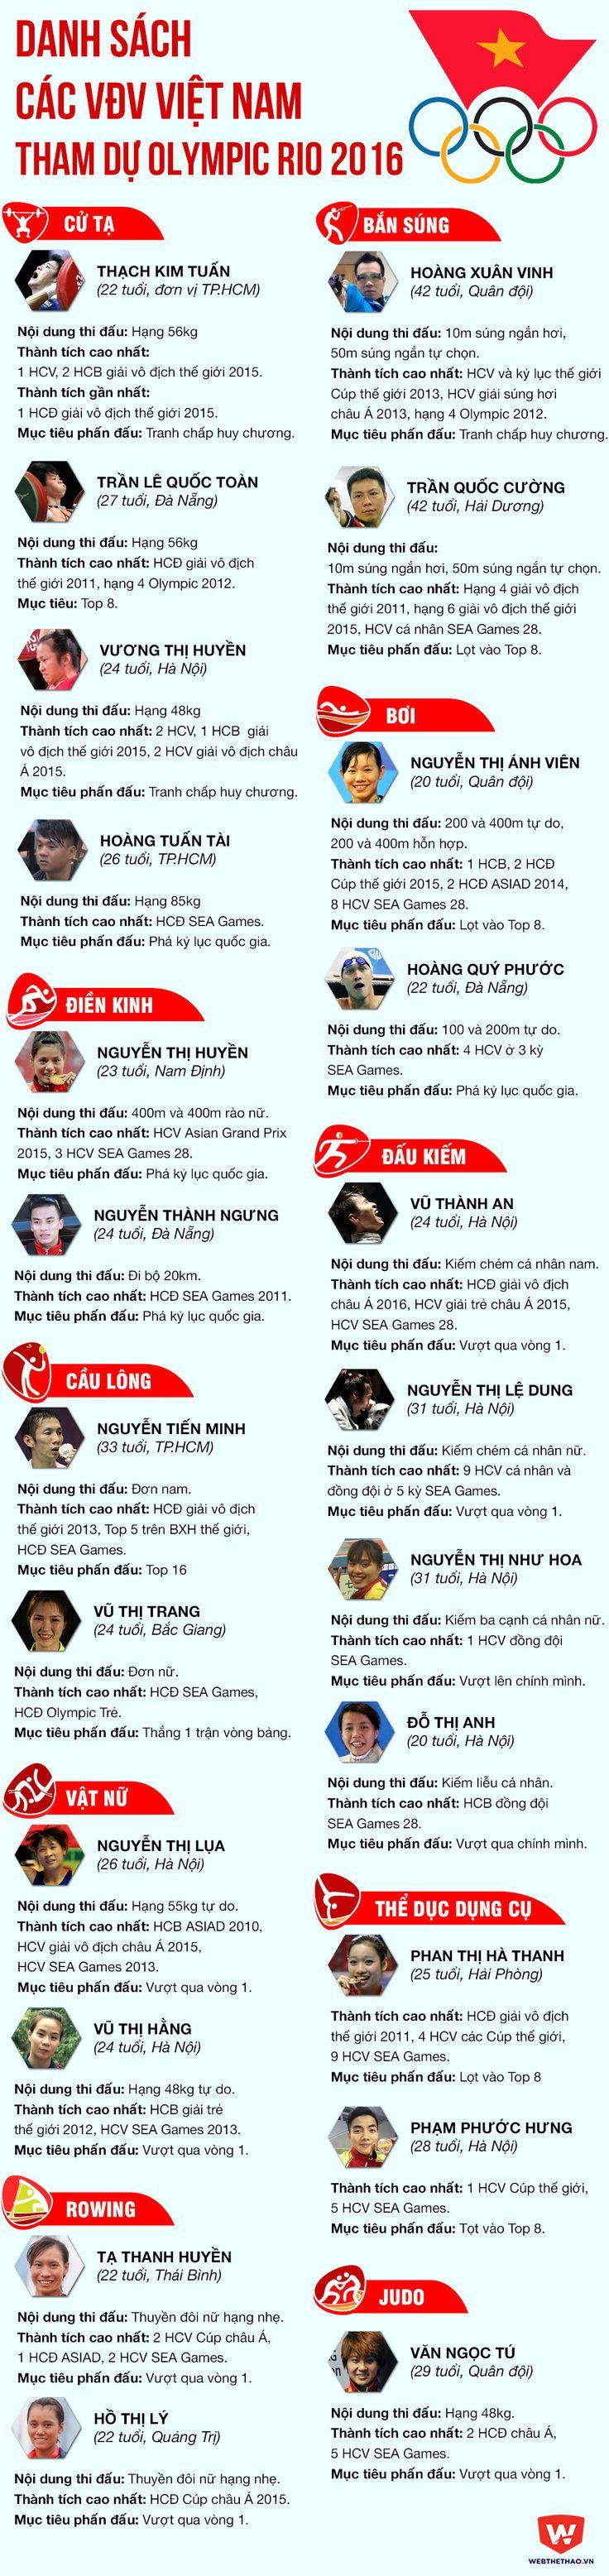 Infographic Danh sách đoàn thể thao Việt Nam tại Olympic 2016